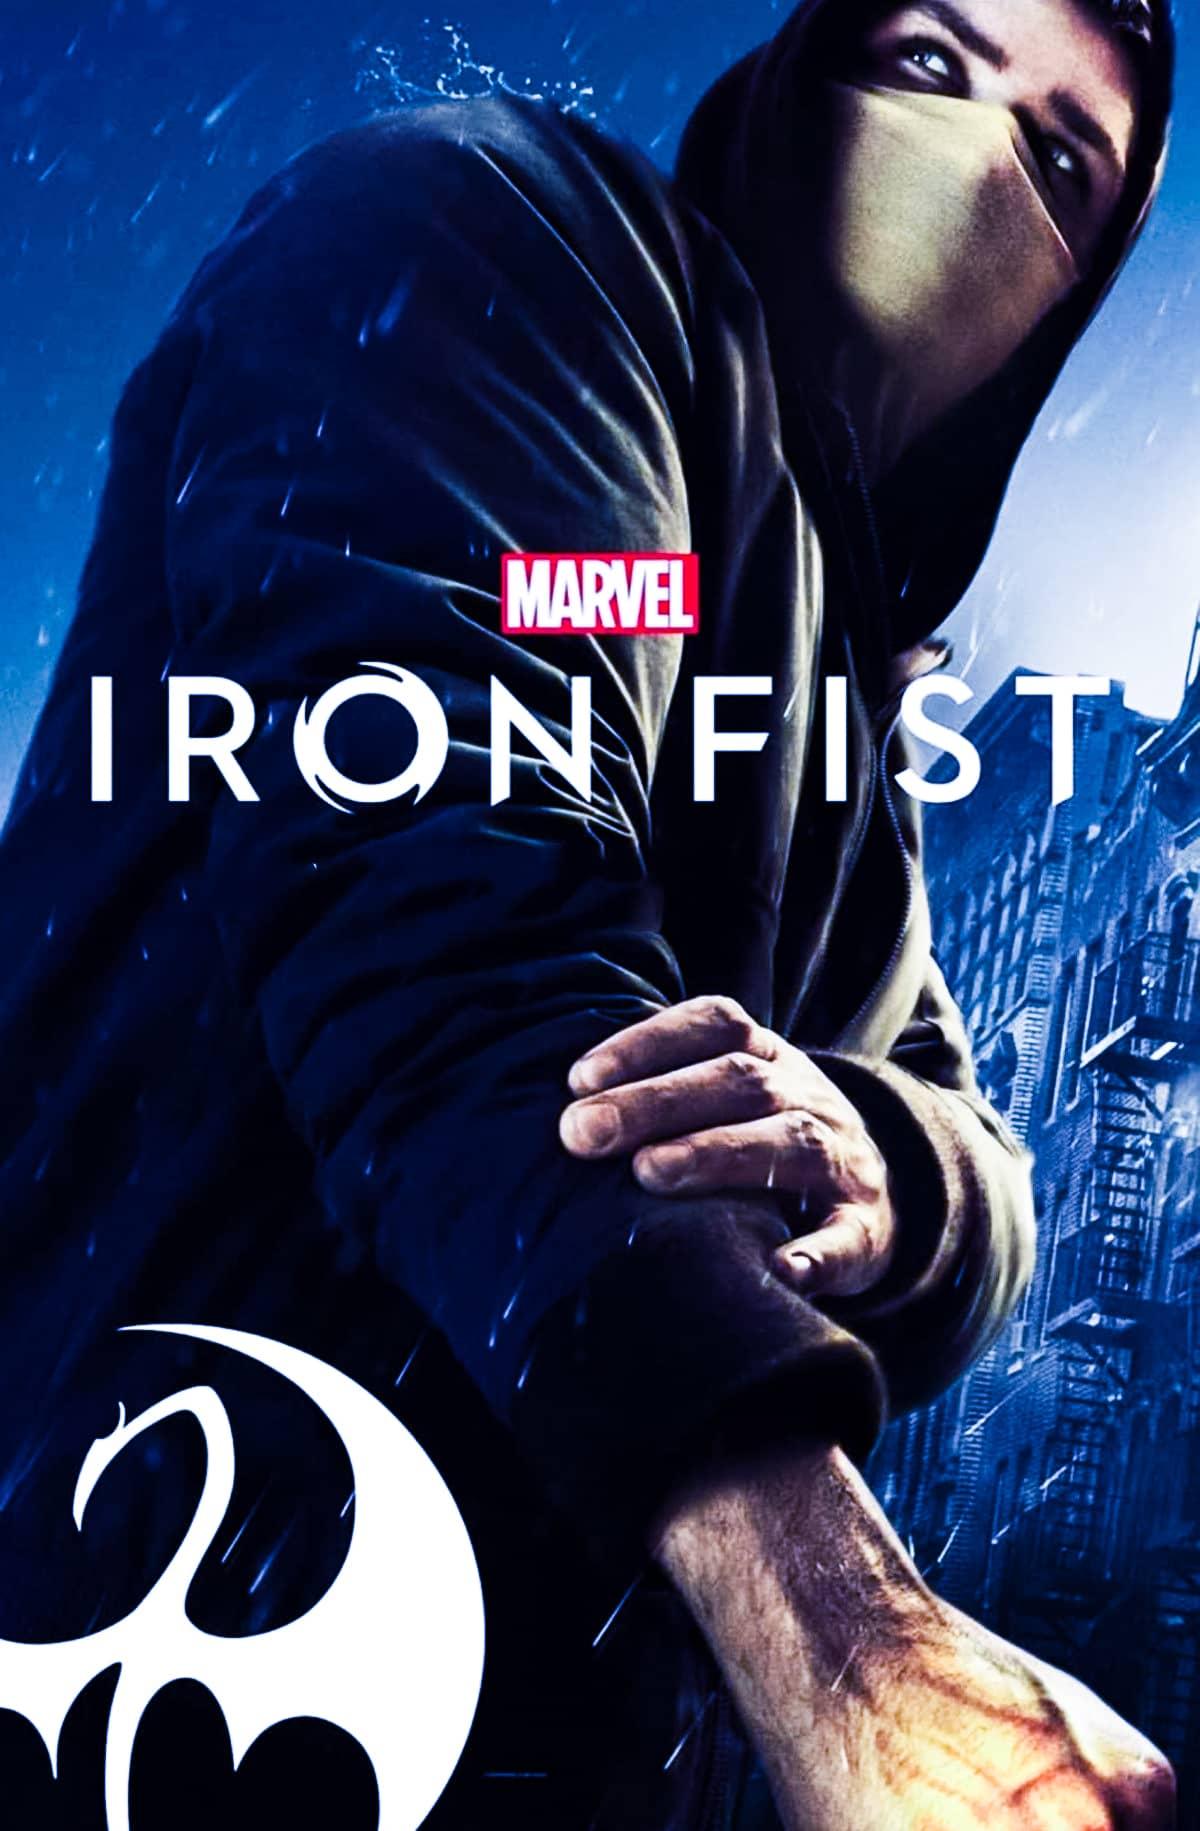 مسلسل Iron Fist الموسم الثاني الحلقة 9 التاسعة مترجمة